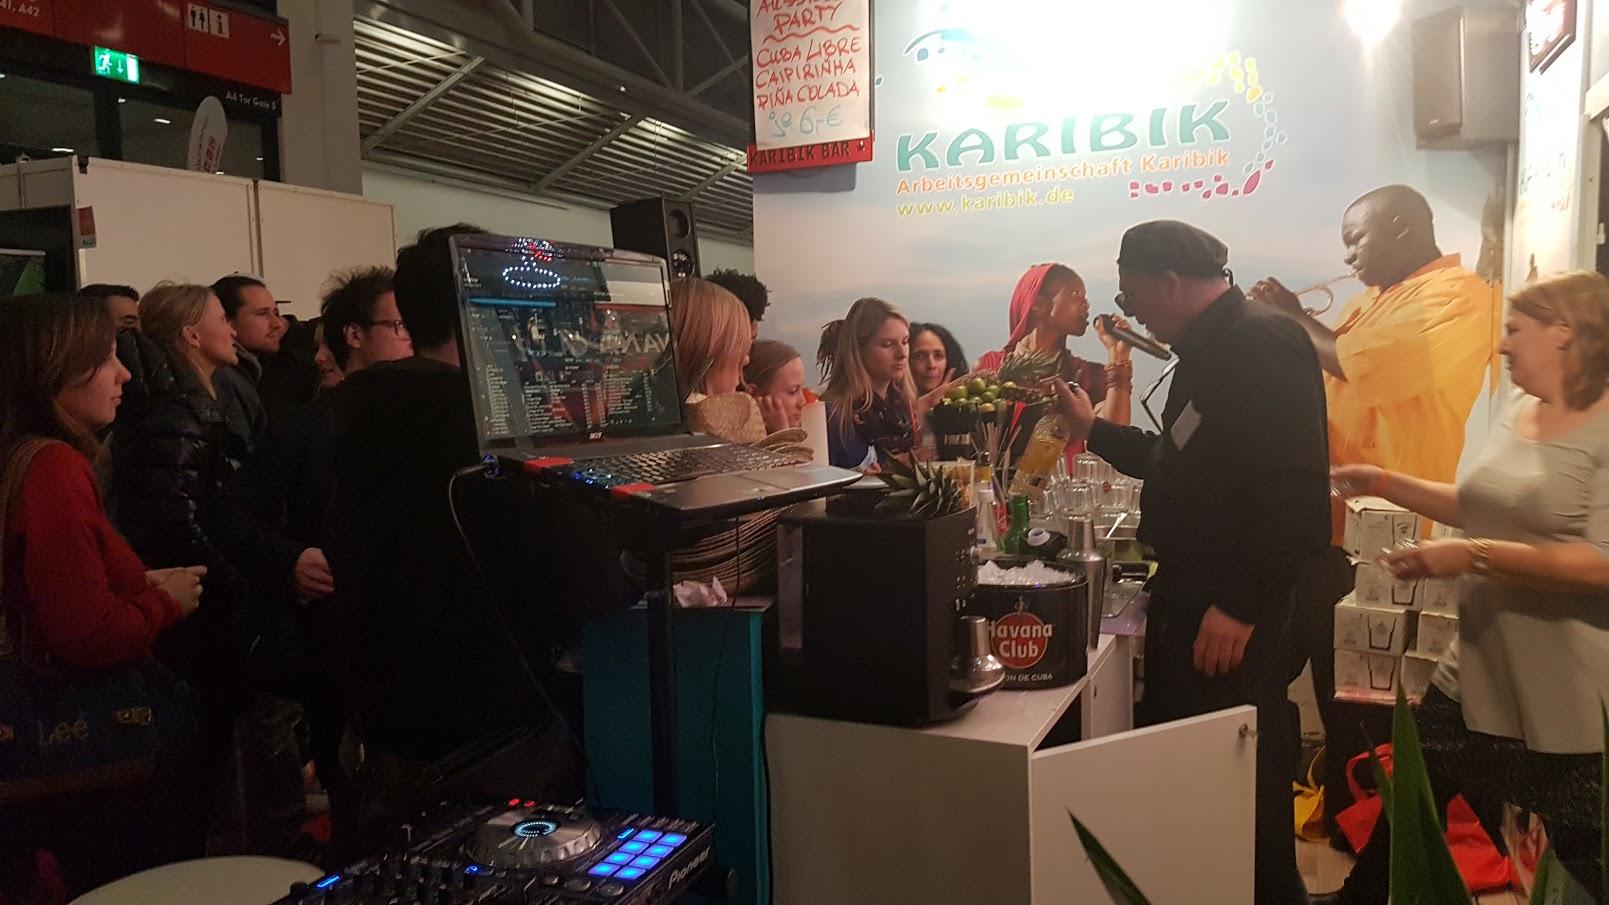 Latino Party DJ auf der Reise Messe - Messe DJ München